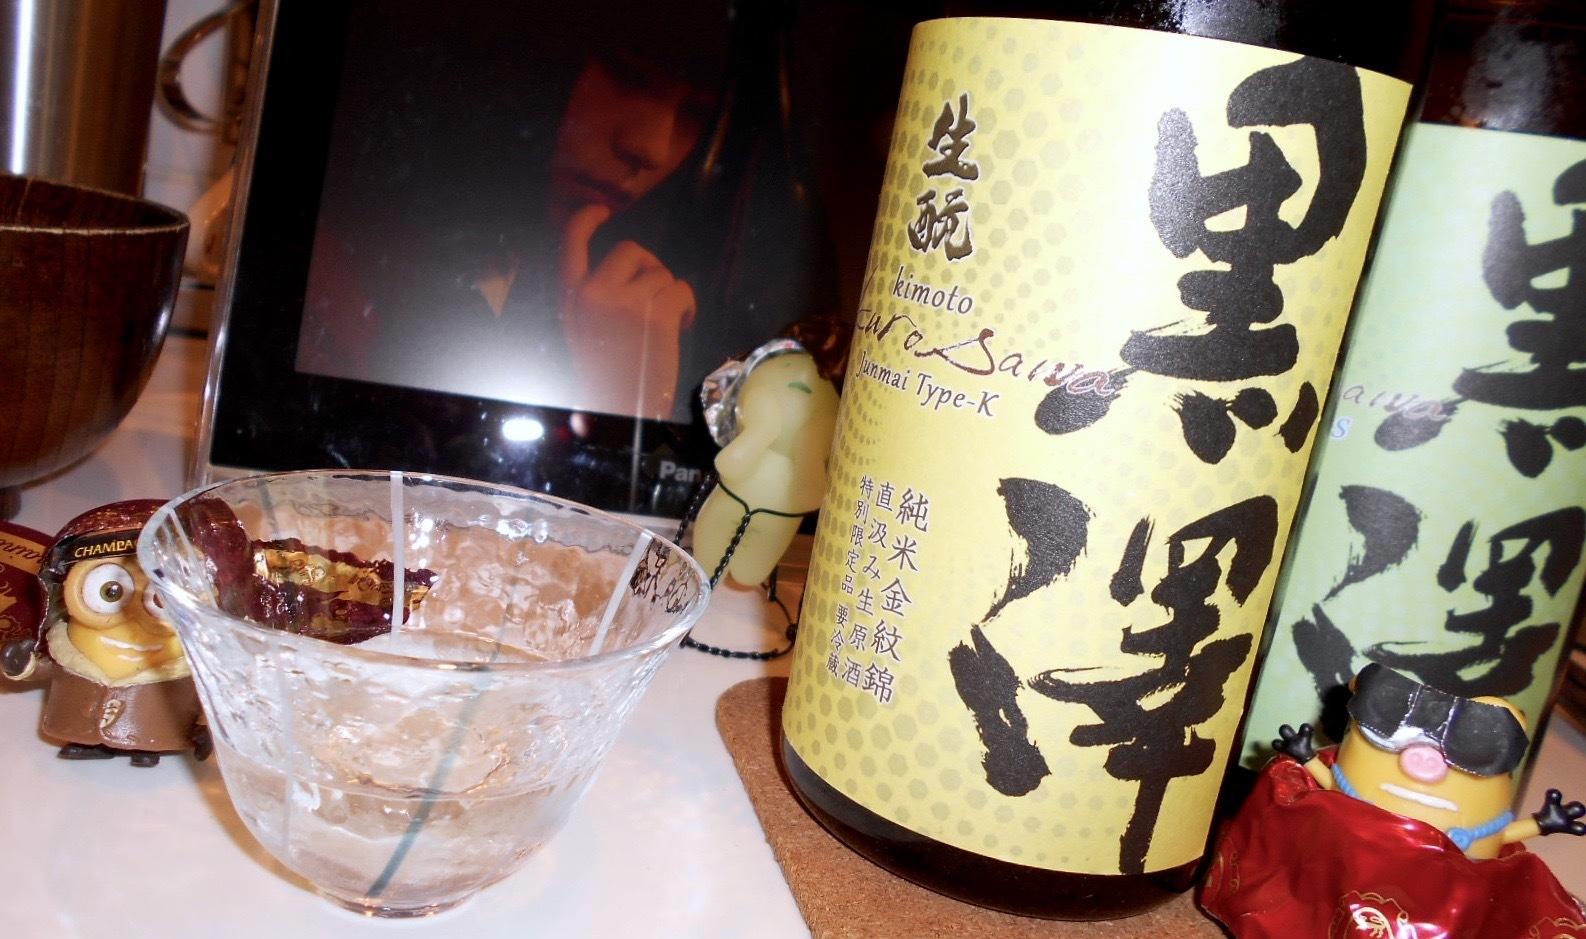 kurosawa_type-k30by1_7.jpg